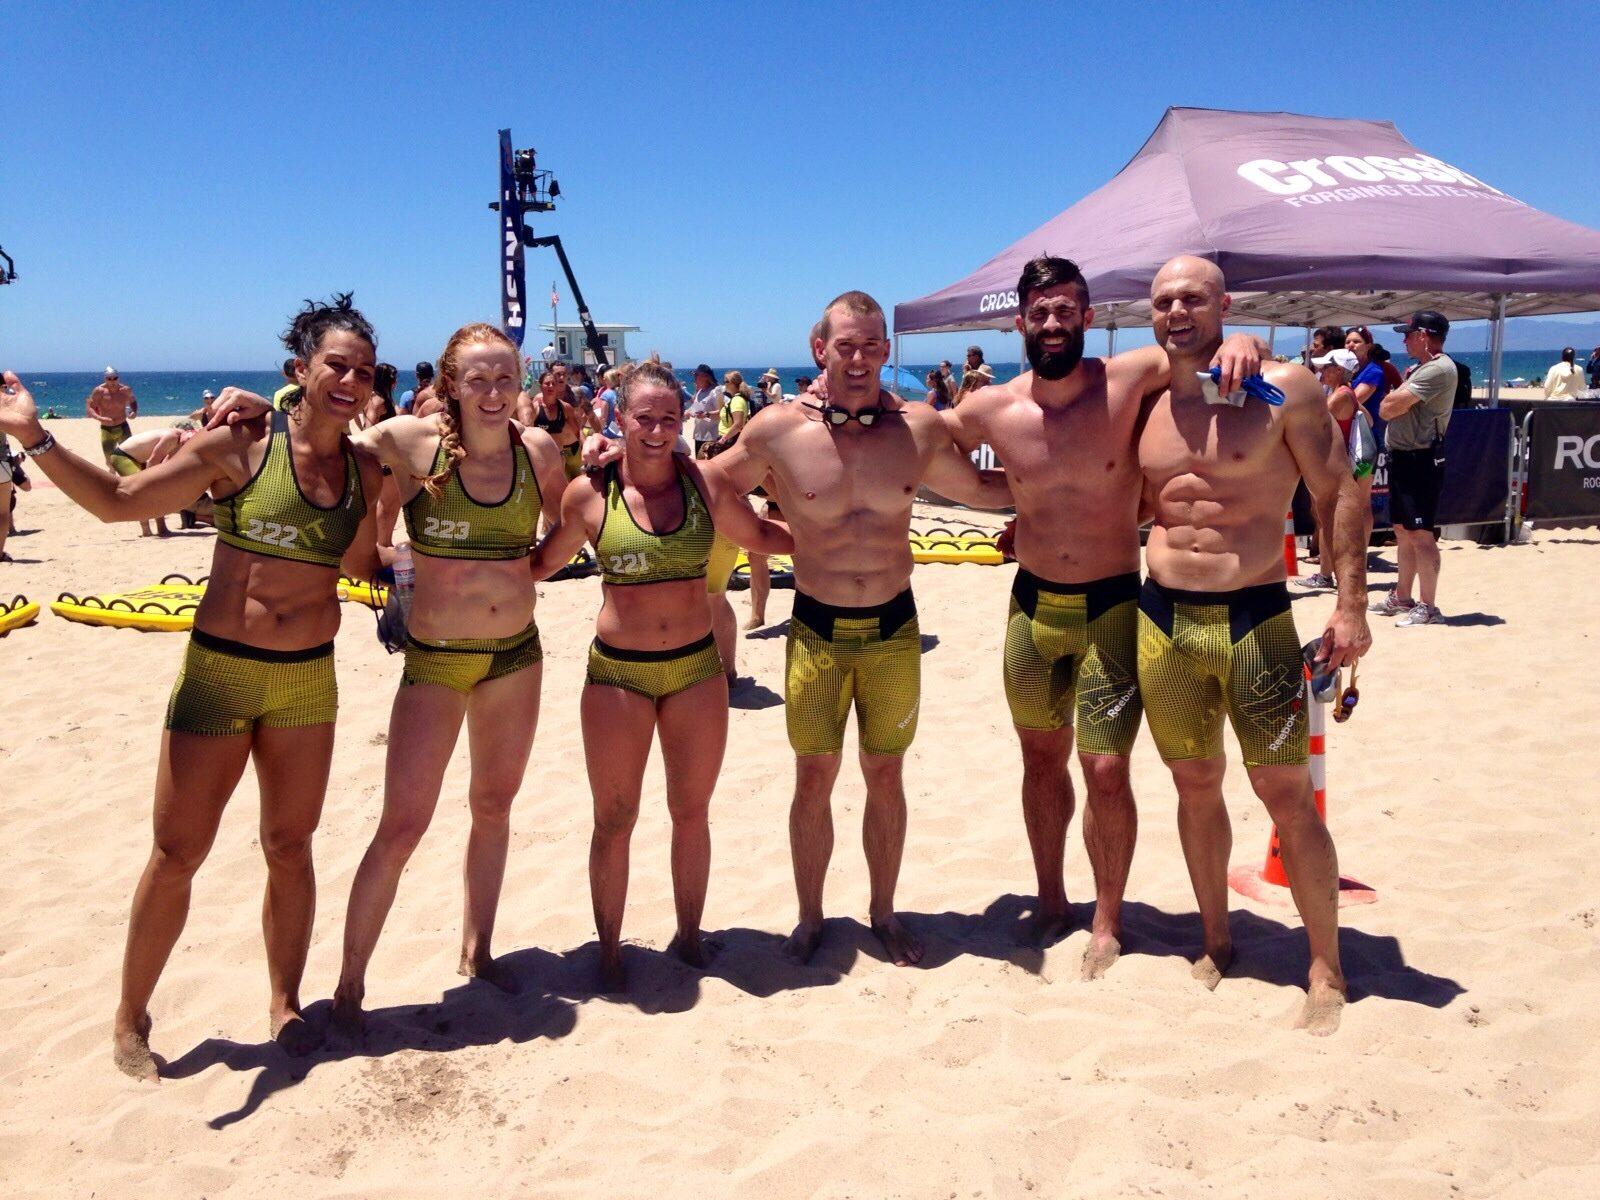 beach group games 2014.jpg